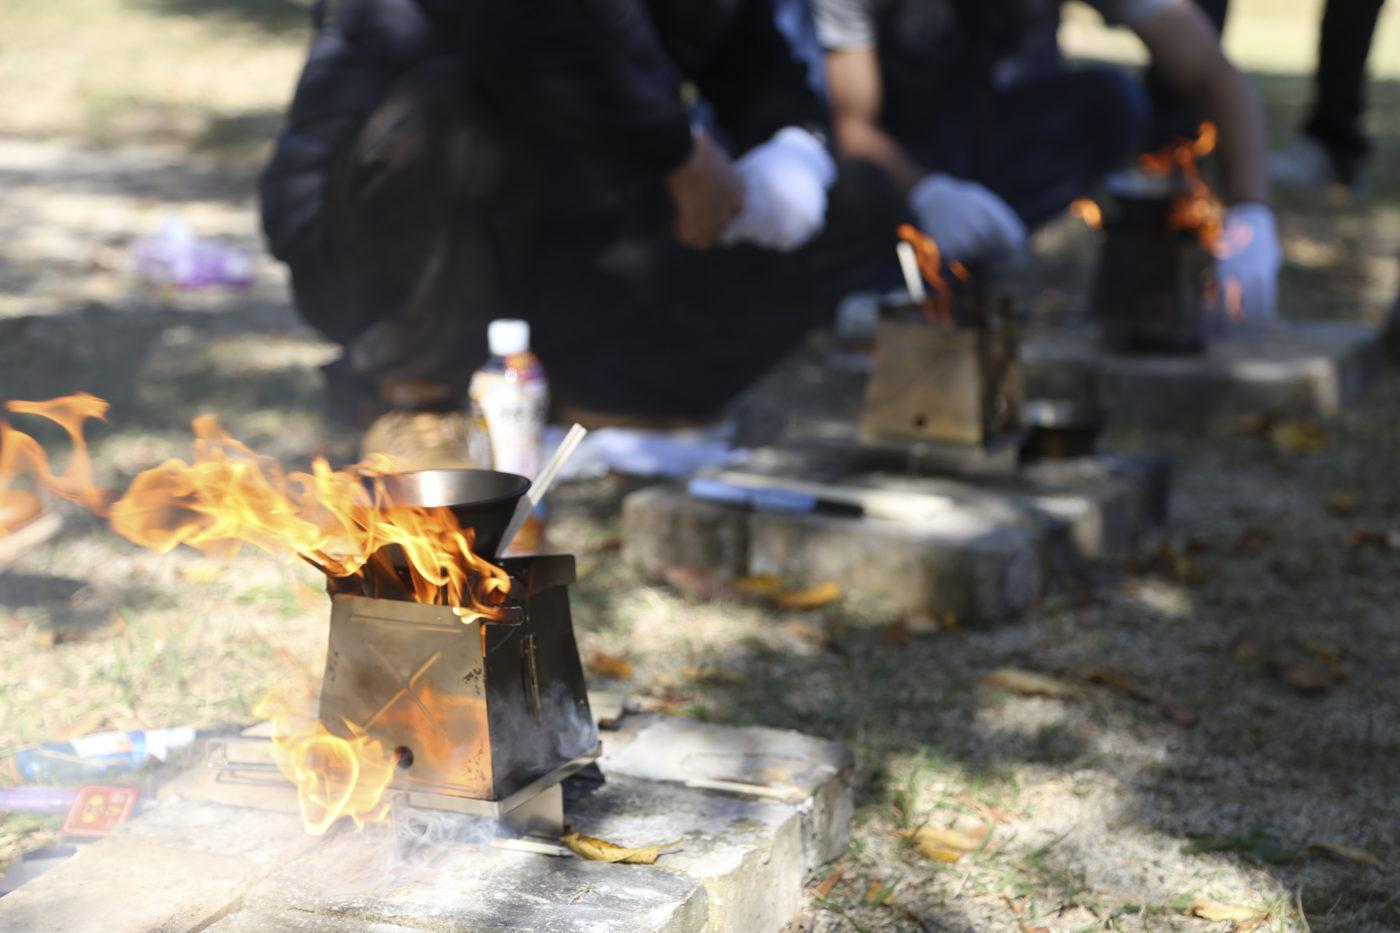 ソロキャンプにおすすめの焚き火台ネイチャーストーブ